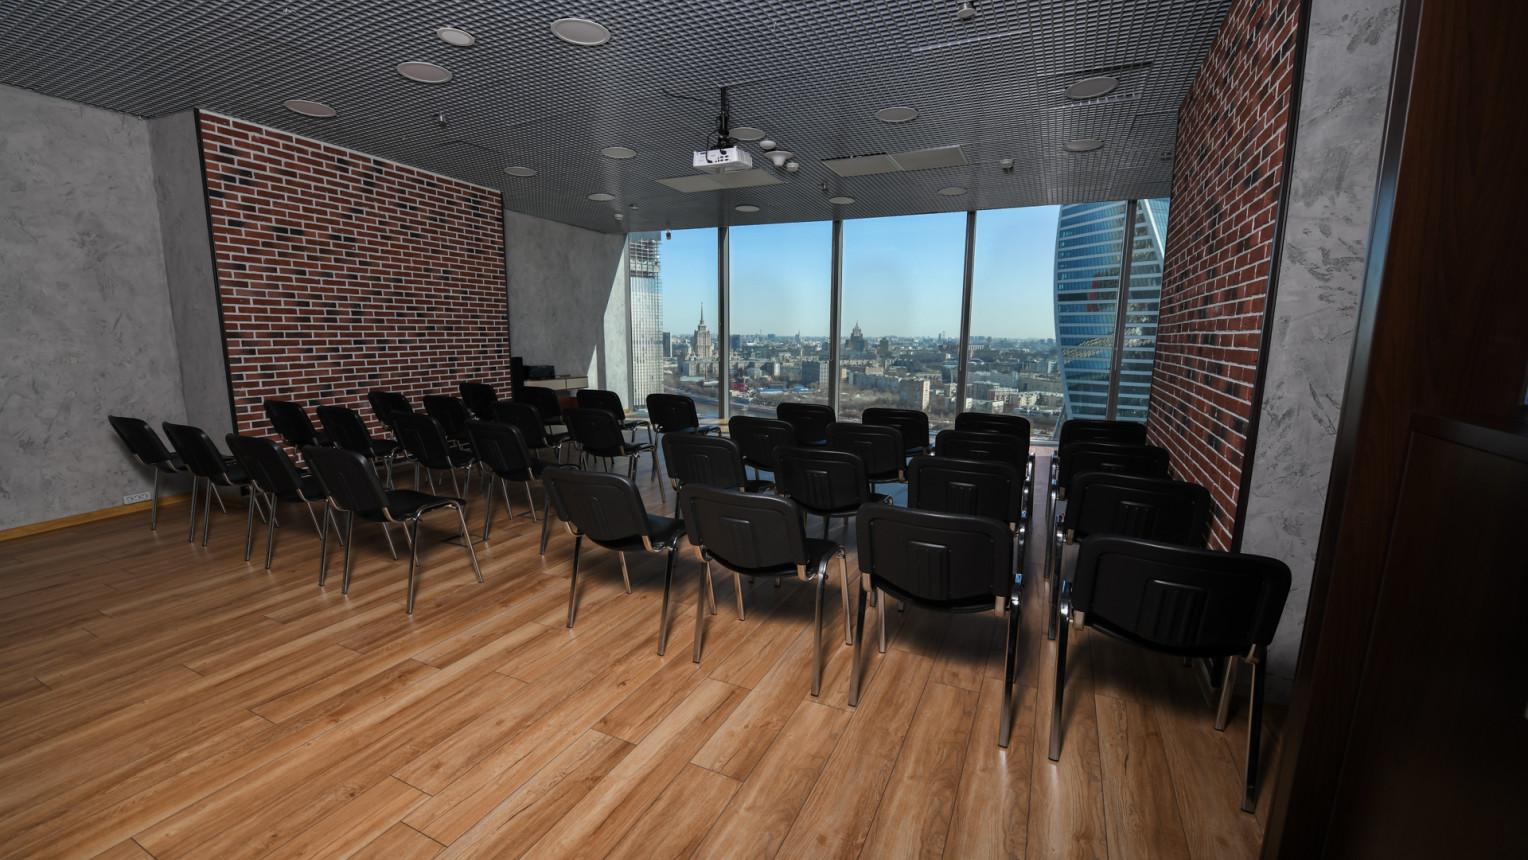 Конференц-зал Восток Центр  29 этаж - фото №1